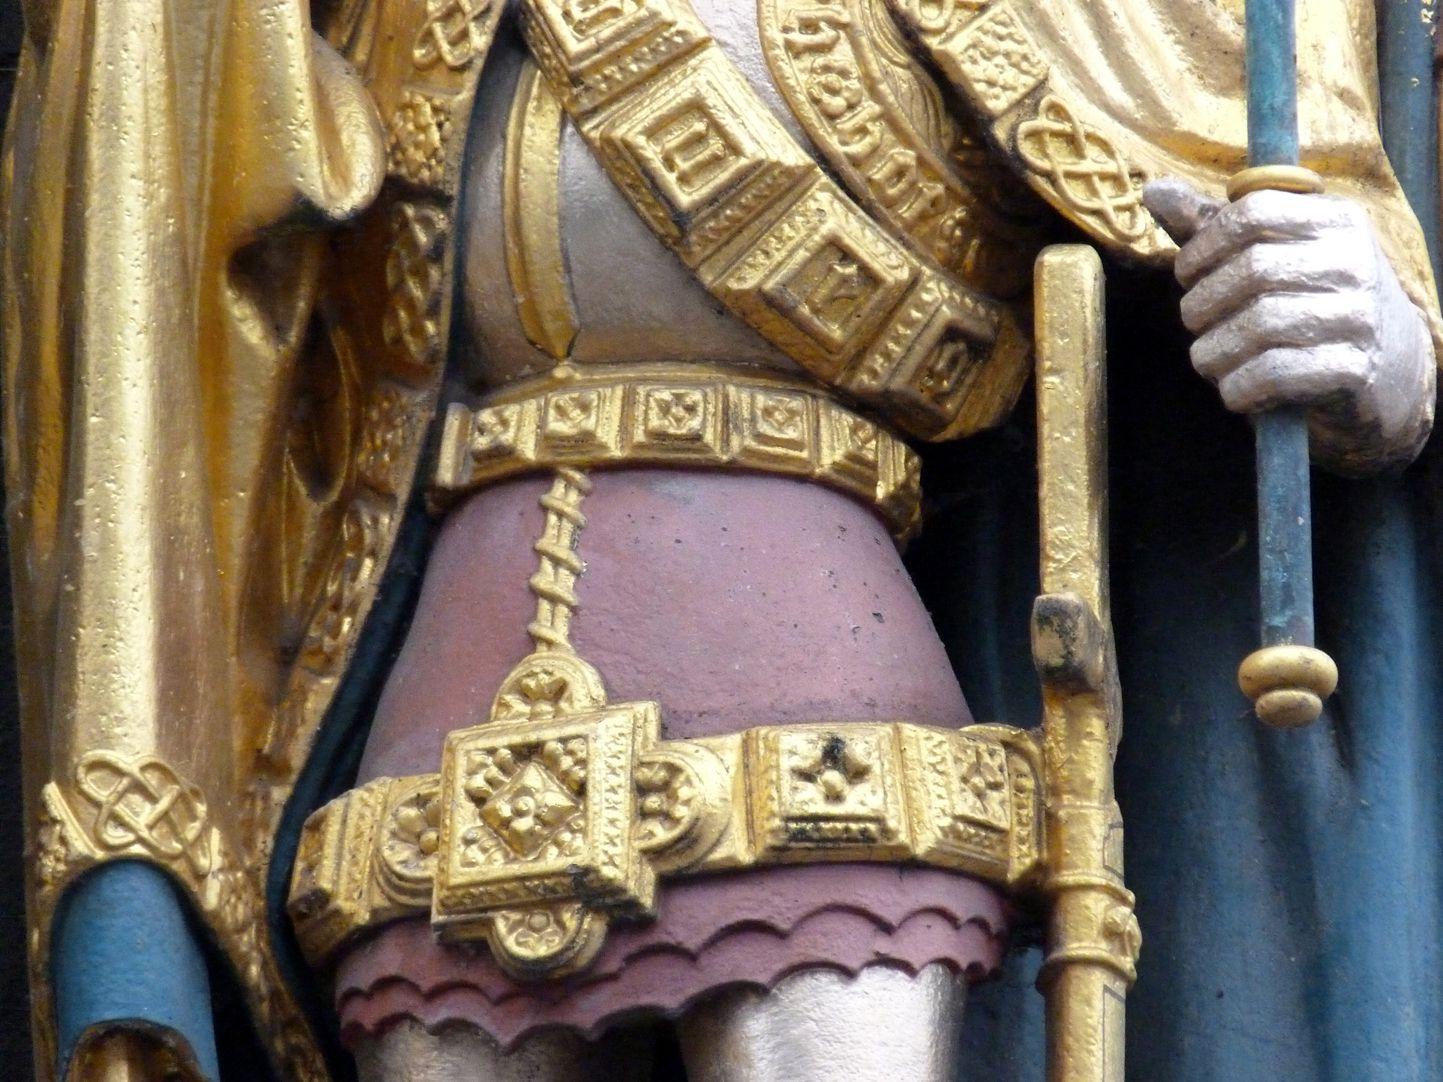 Schöner Brunnen König von Böhmen, Detail